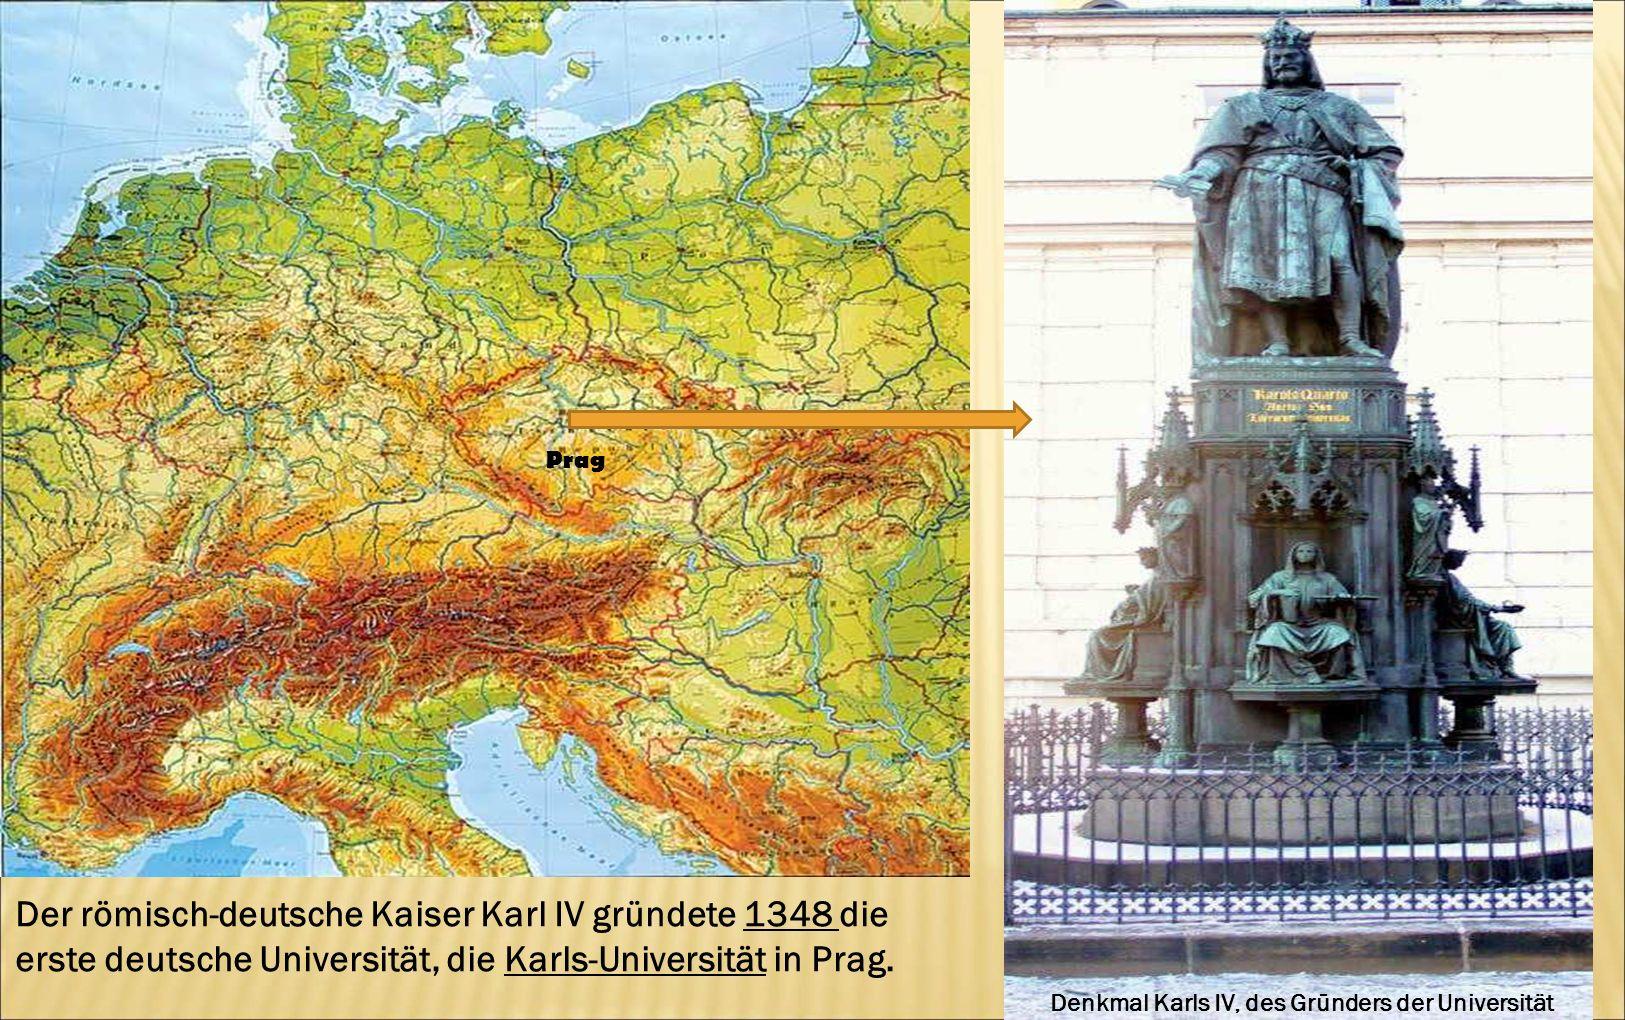 Denkmal Karls IV, des Gründers der Universität